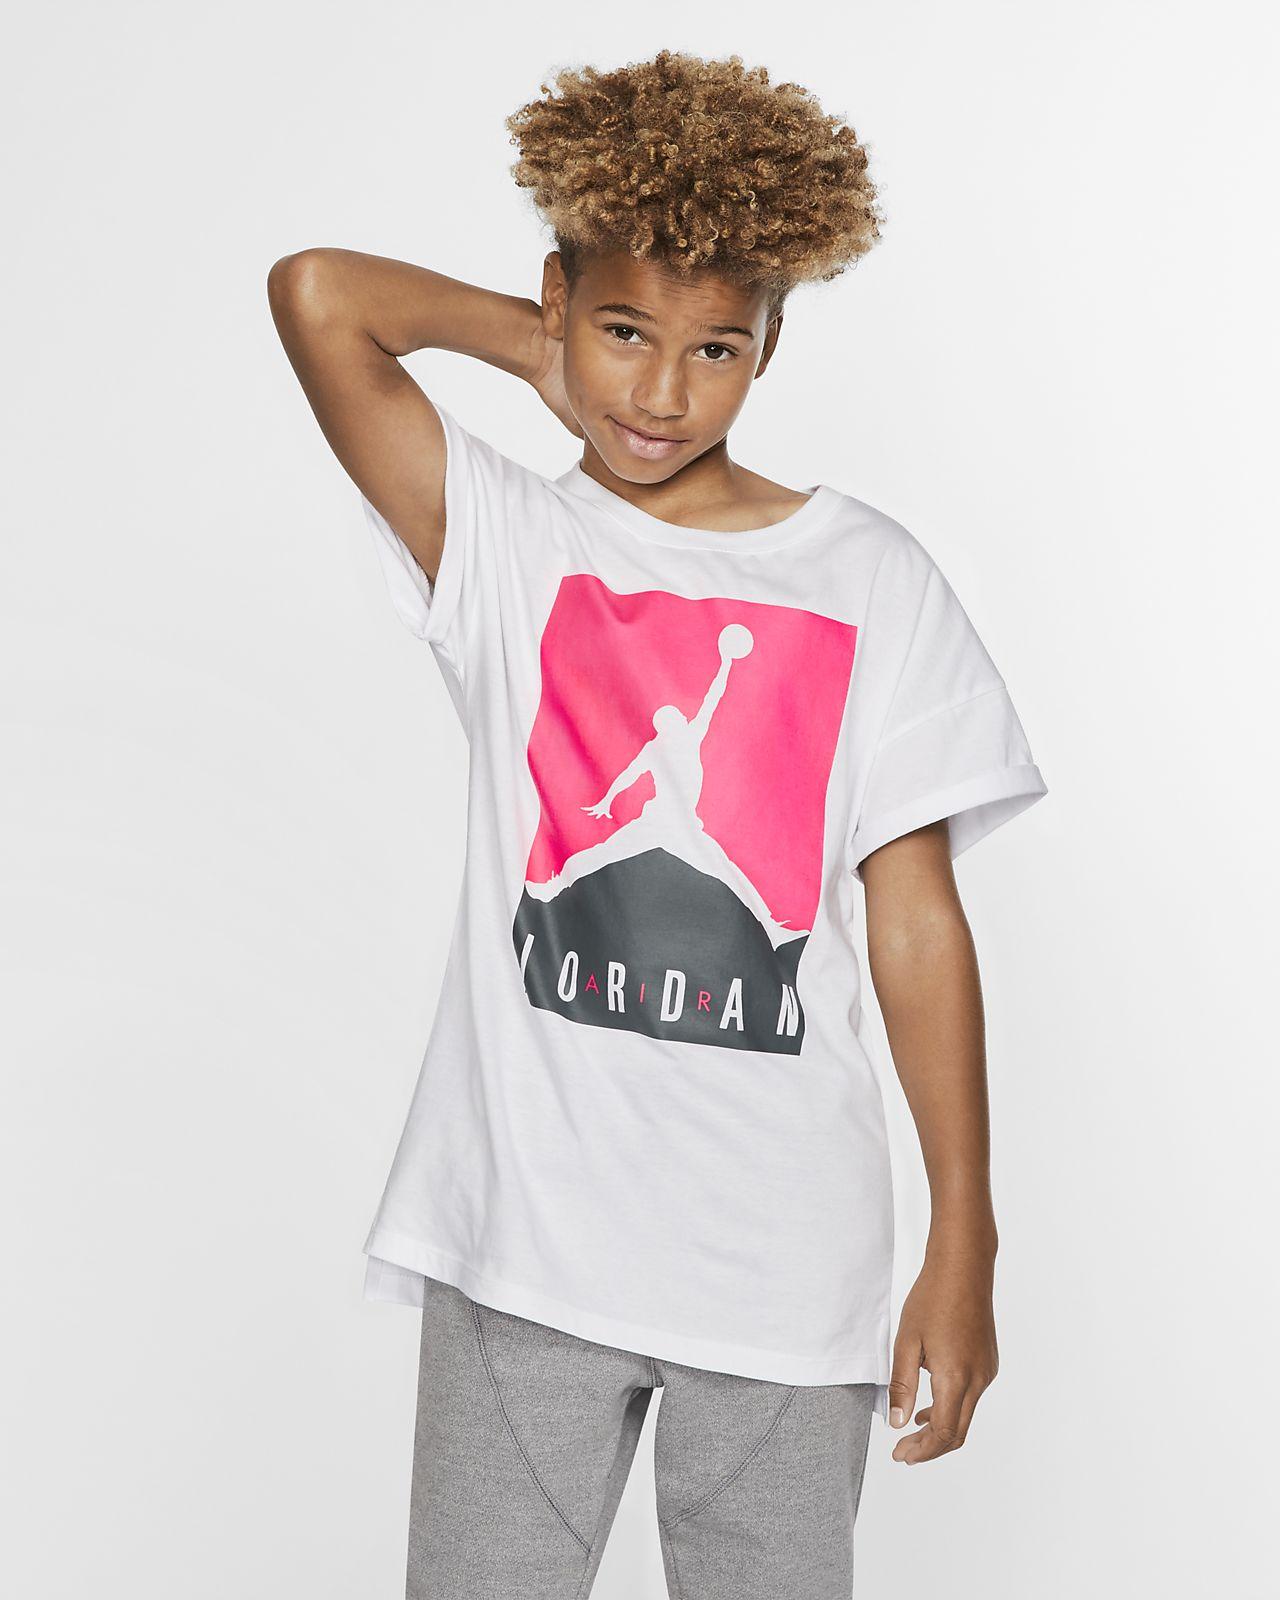 jordan t shirts for girls \u003e Clearance shop